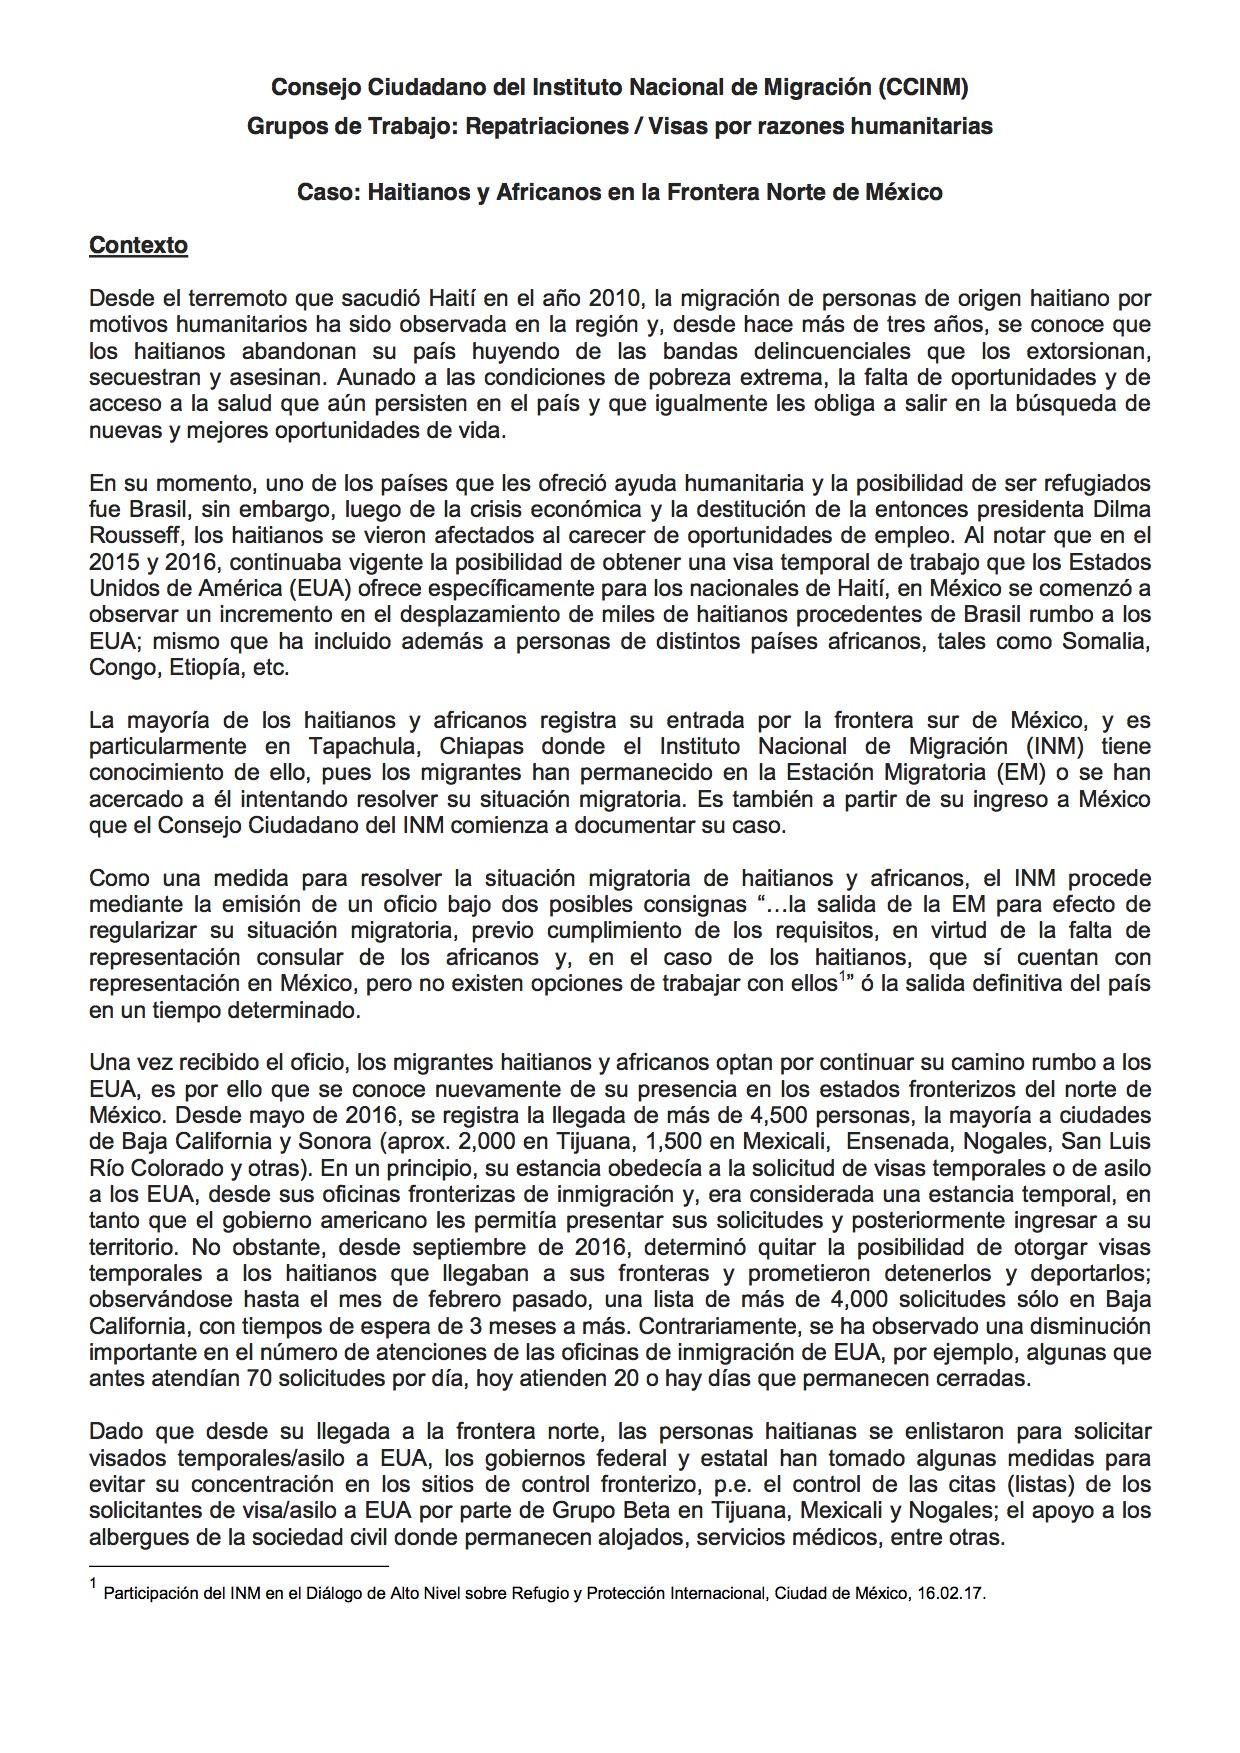 Informe Caso Haitianos y Africanos (3)